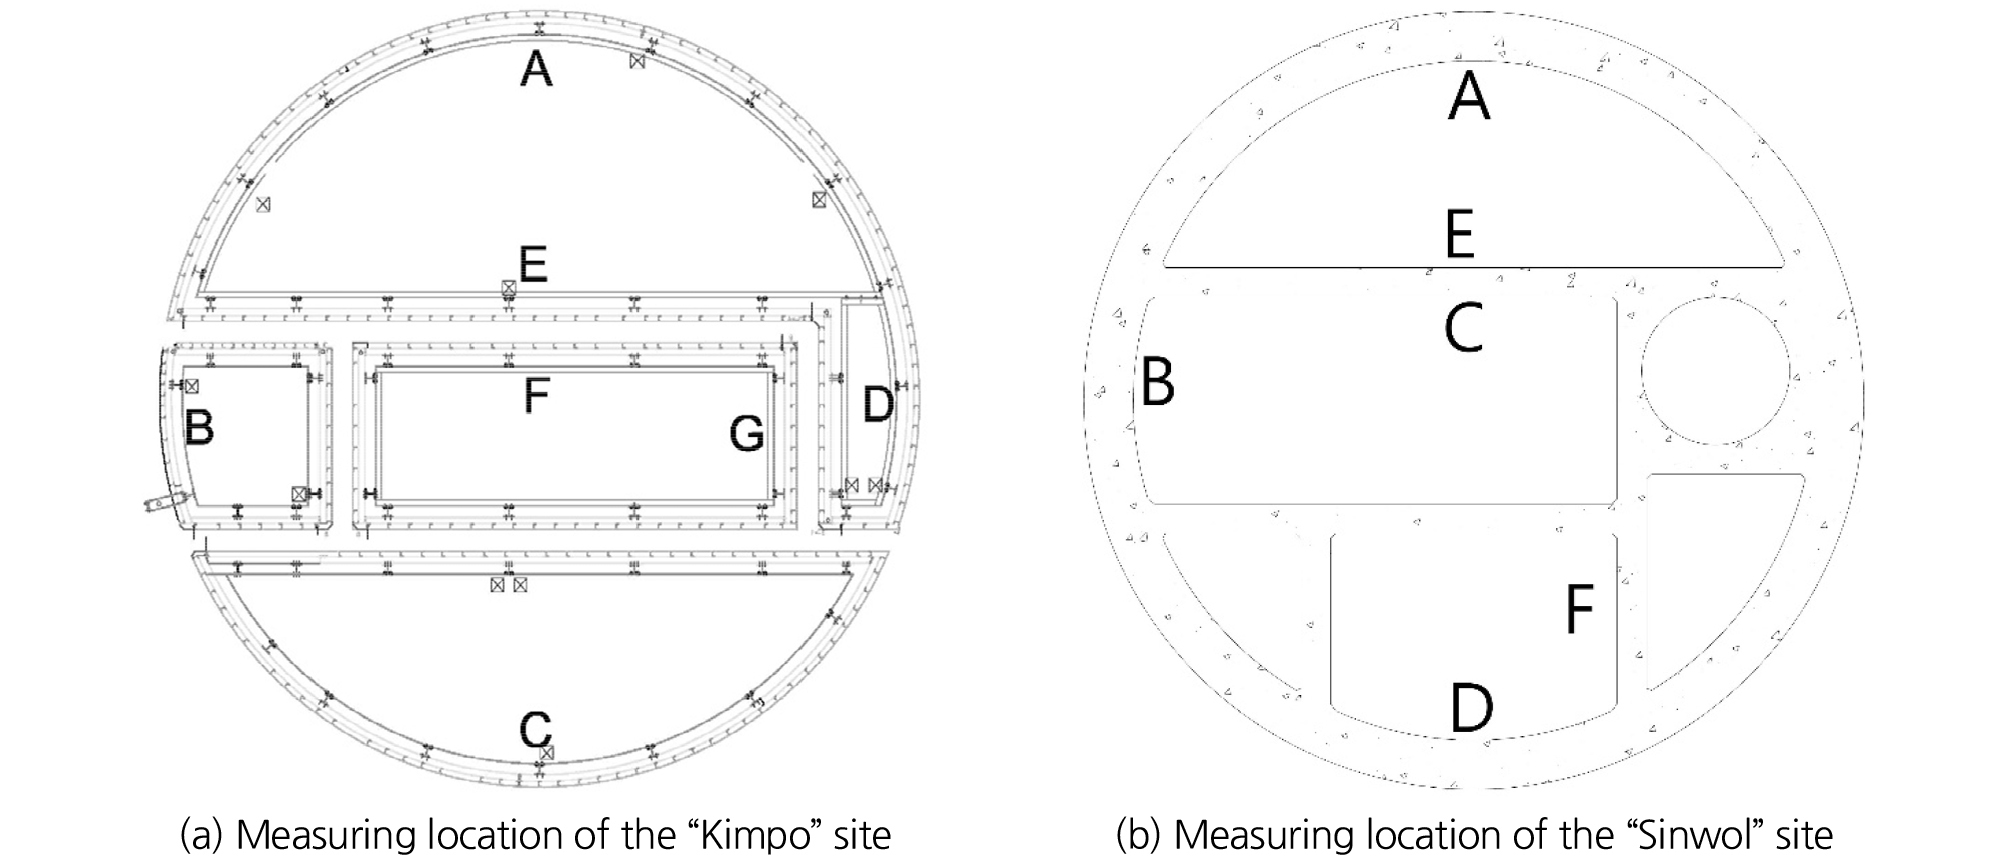 http://static.apub.kr/journalsite/sites/kta/2019-021-06/N0550210606/images/kta_21_06_06_F7.jpg